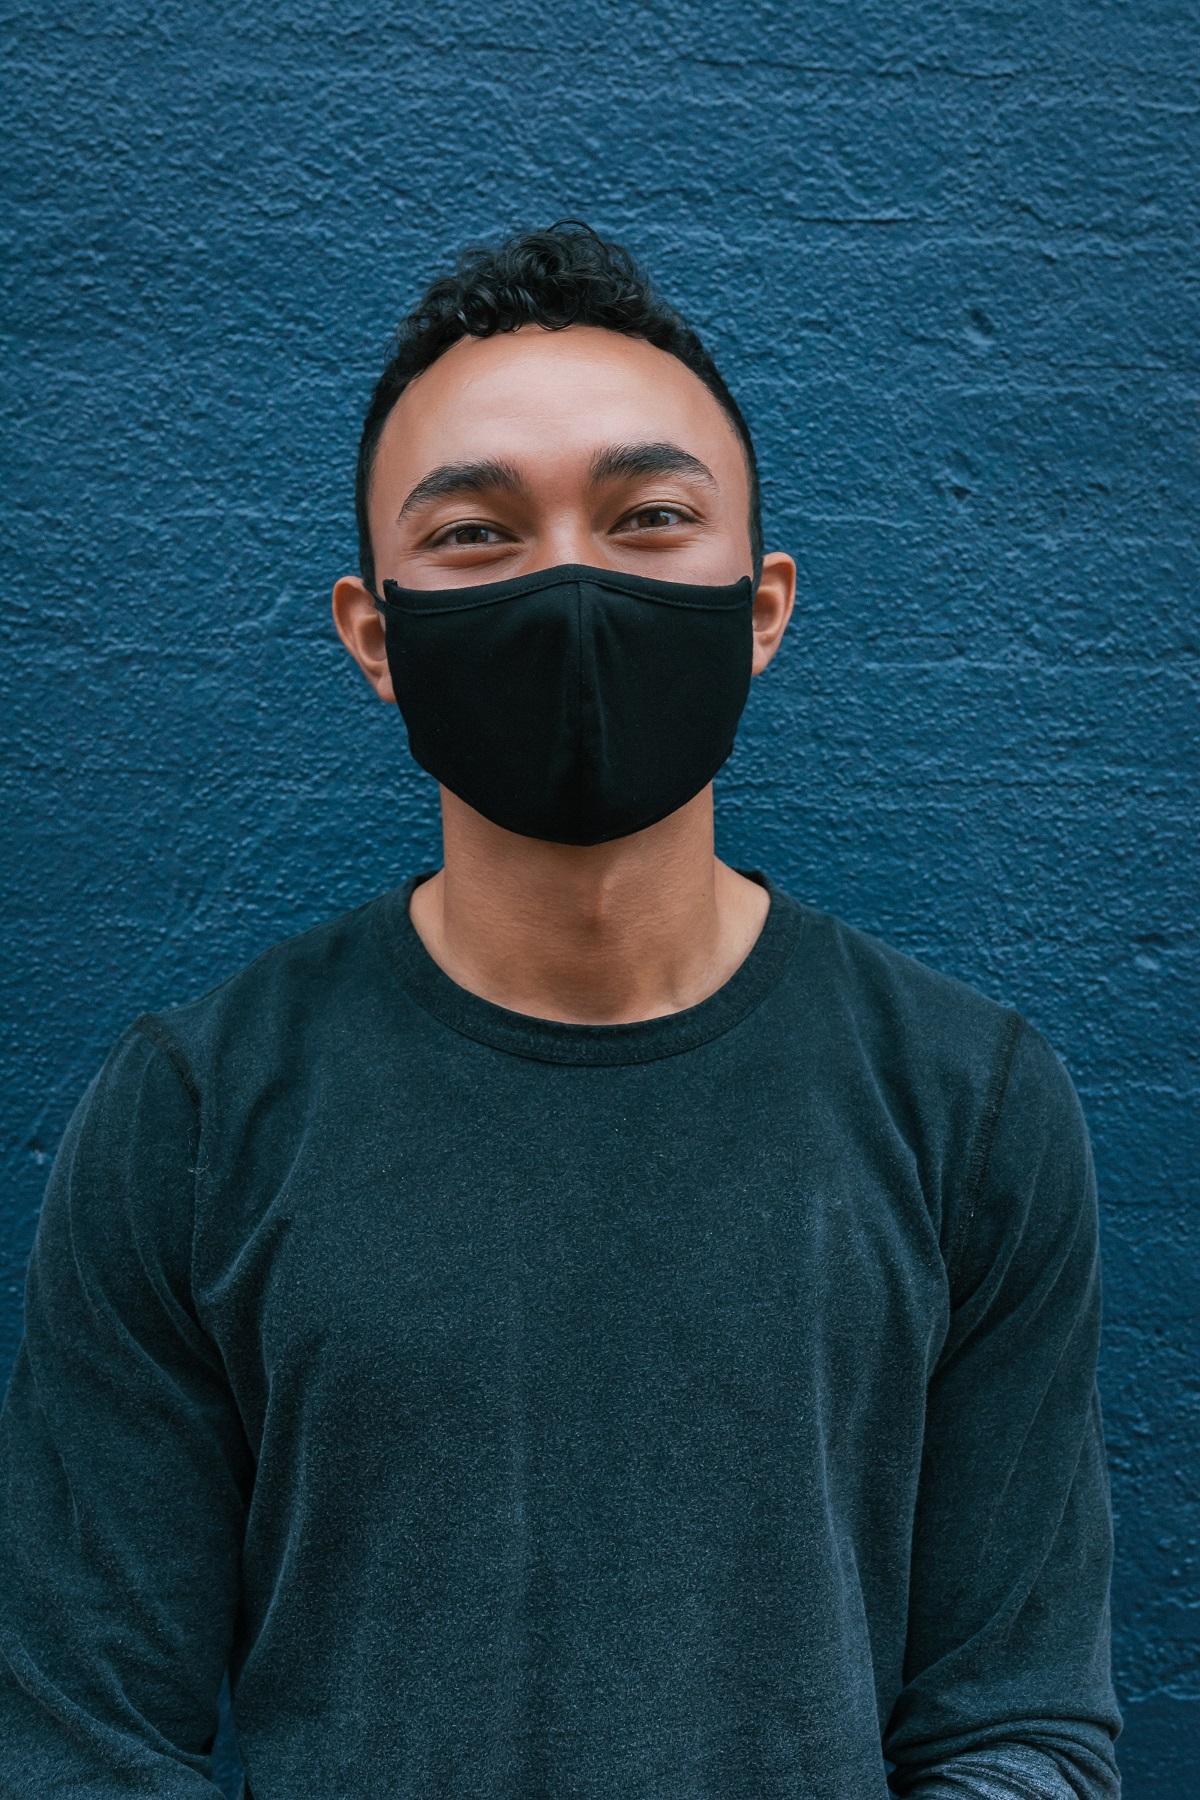 man wearing black face mask